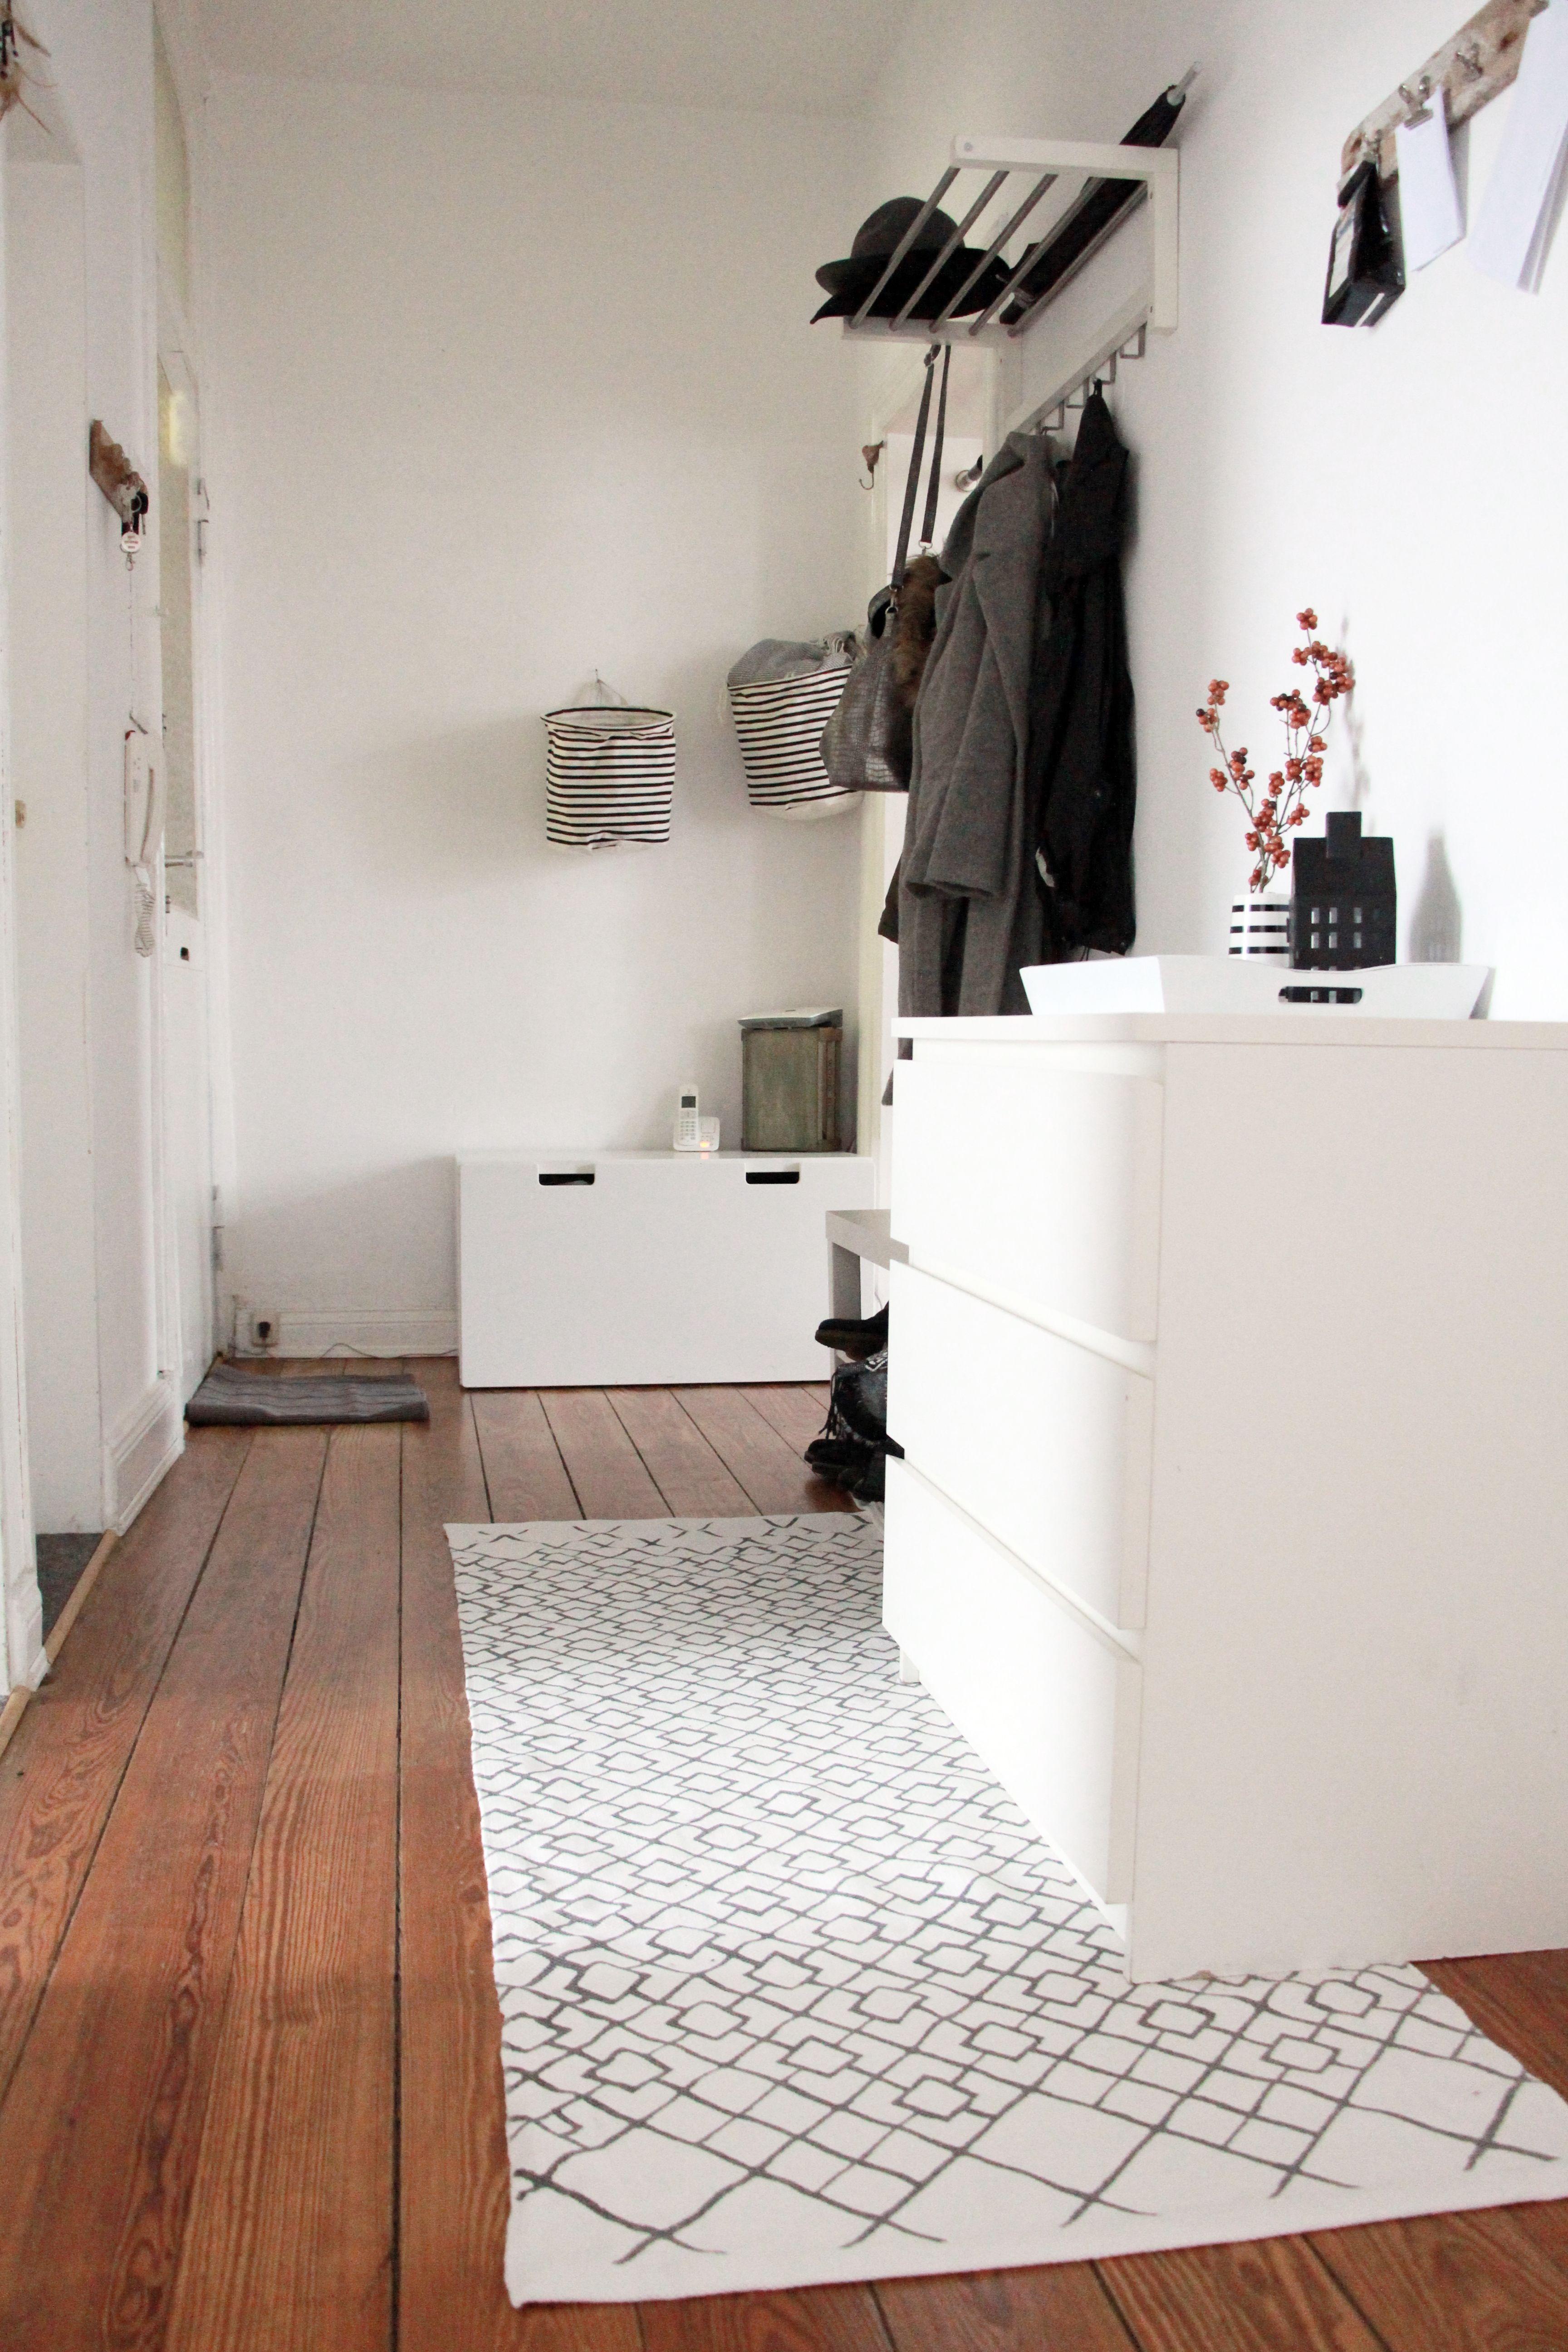 den flur im klassischen scandinavian minimalismus look stylen interior bohemian look. Black Bedroom Furniture Sets. Home Design Ideas